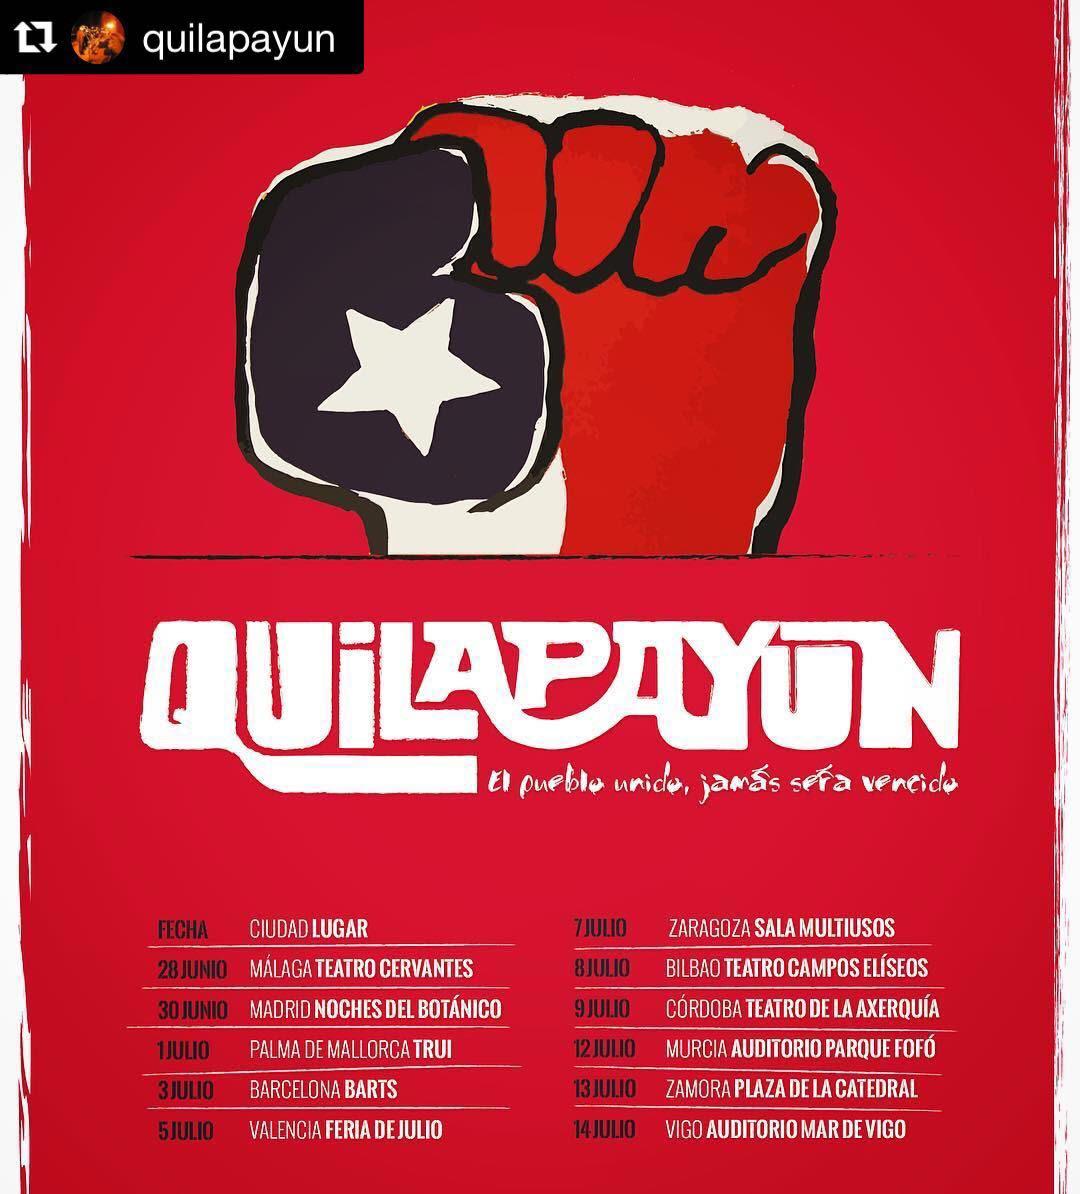 Gira por España de Quilapayún